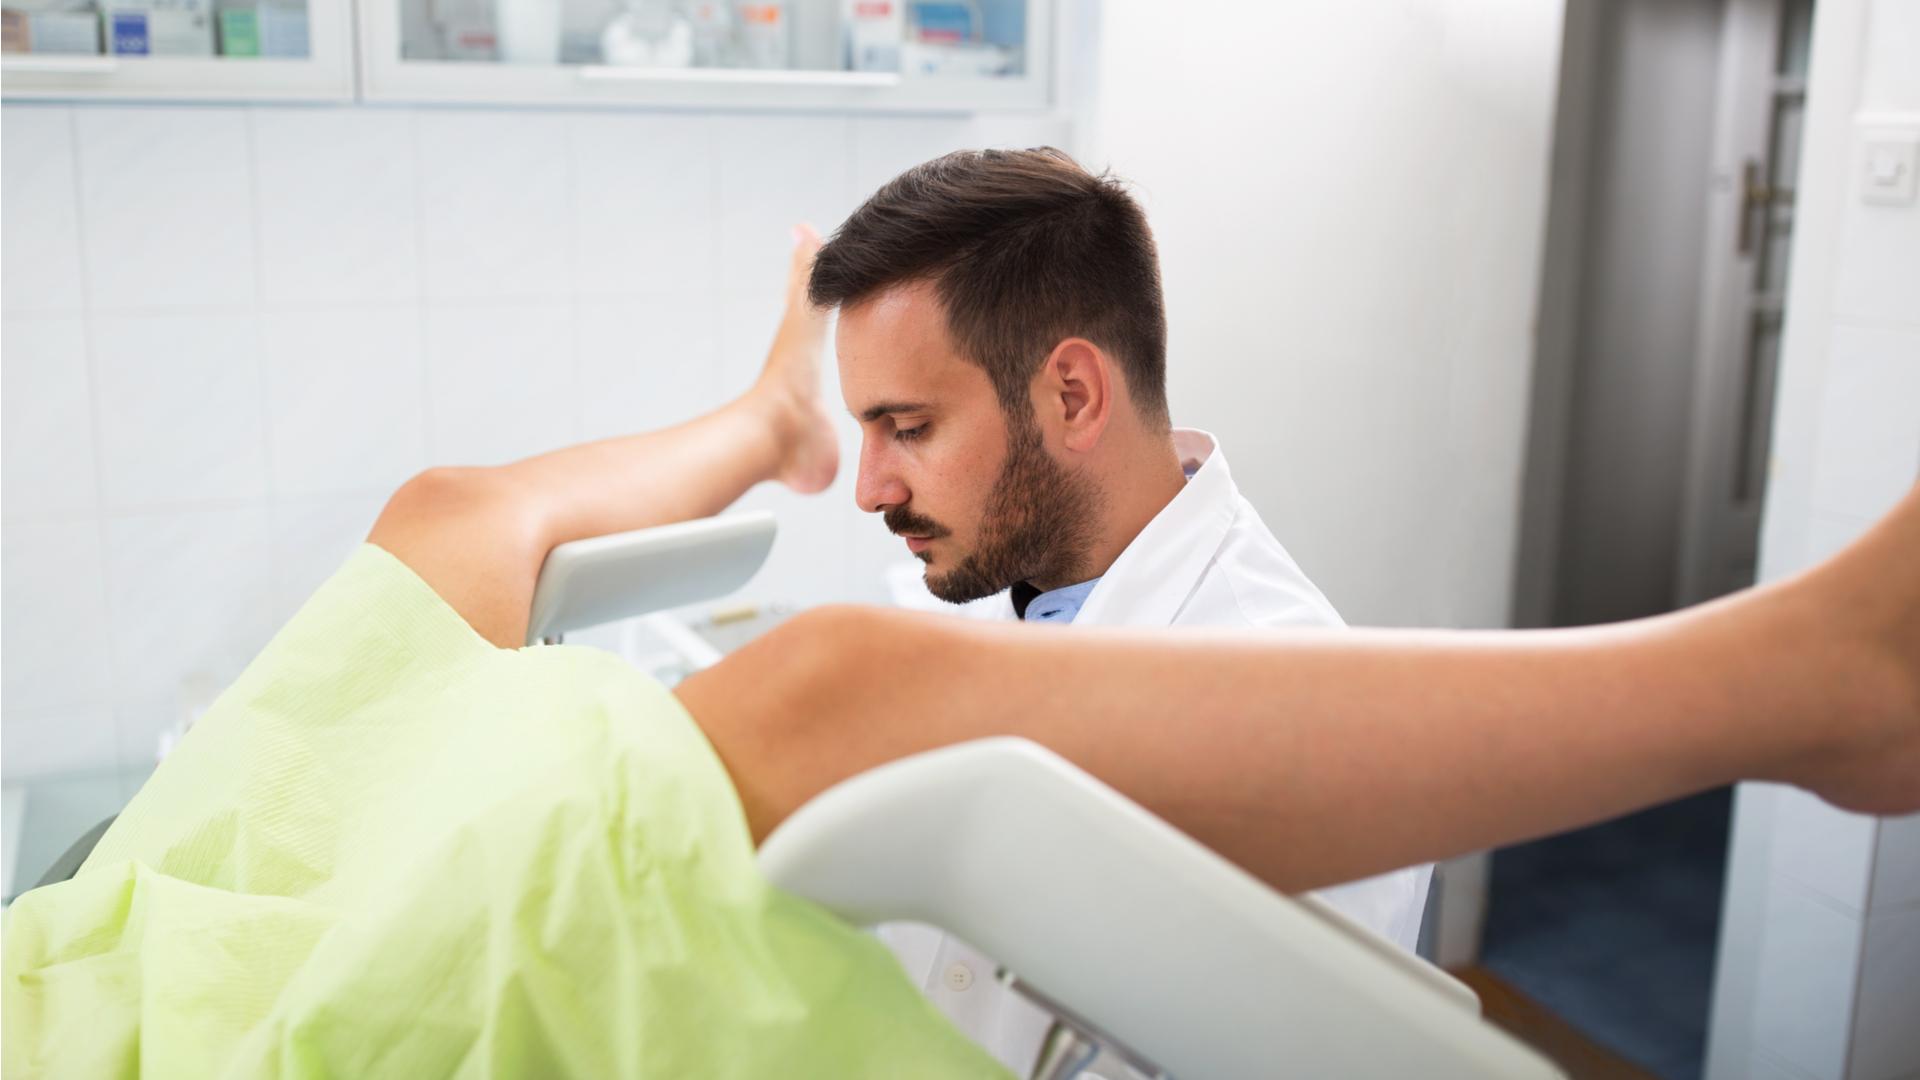 Профессия гинеколог — чем занимается и что лечит, требования и обязанности, зарплата, как стать гинекологом